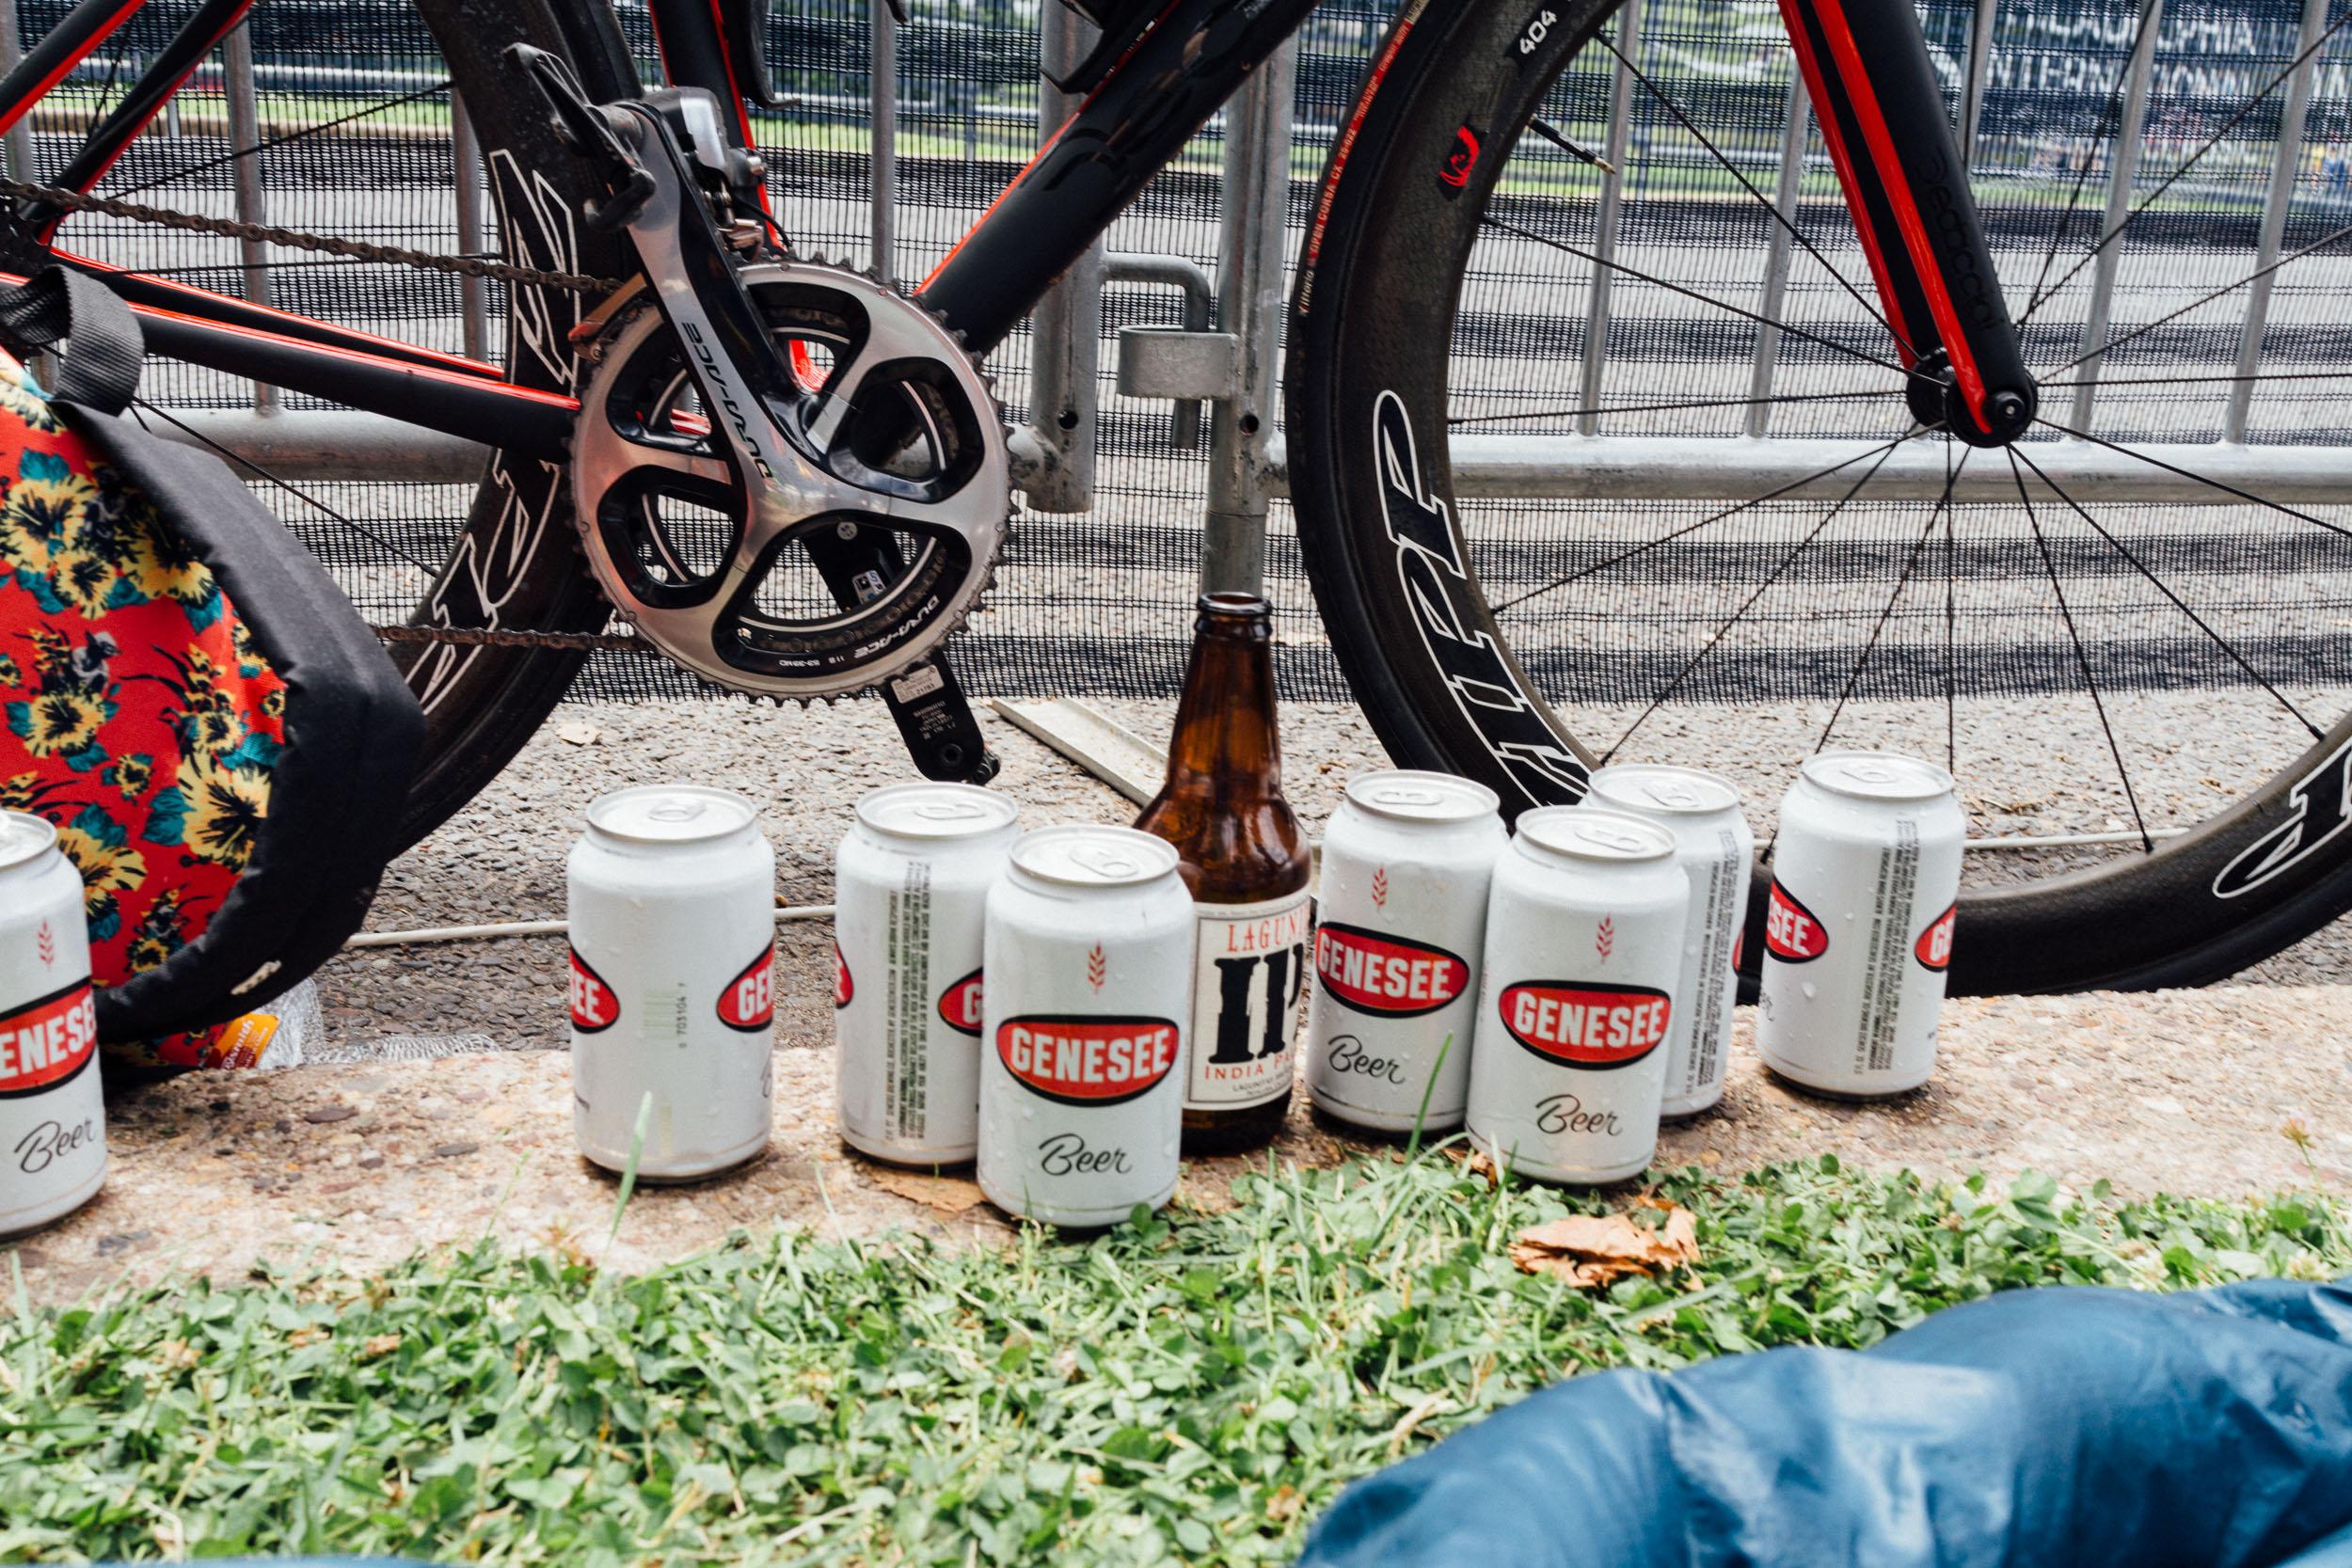 Photo Rhetoric - To Be Determined - Will Bike for Cheesesteak-2030.jpg